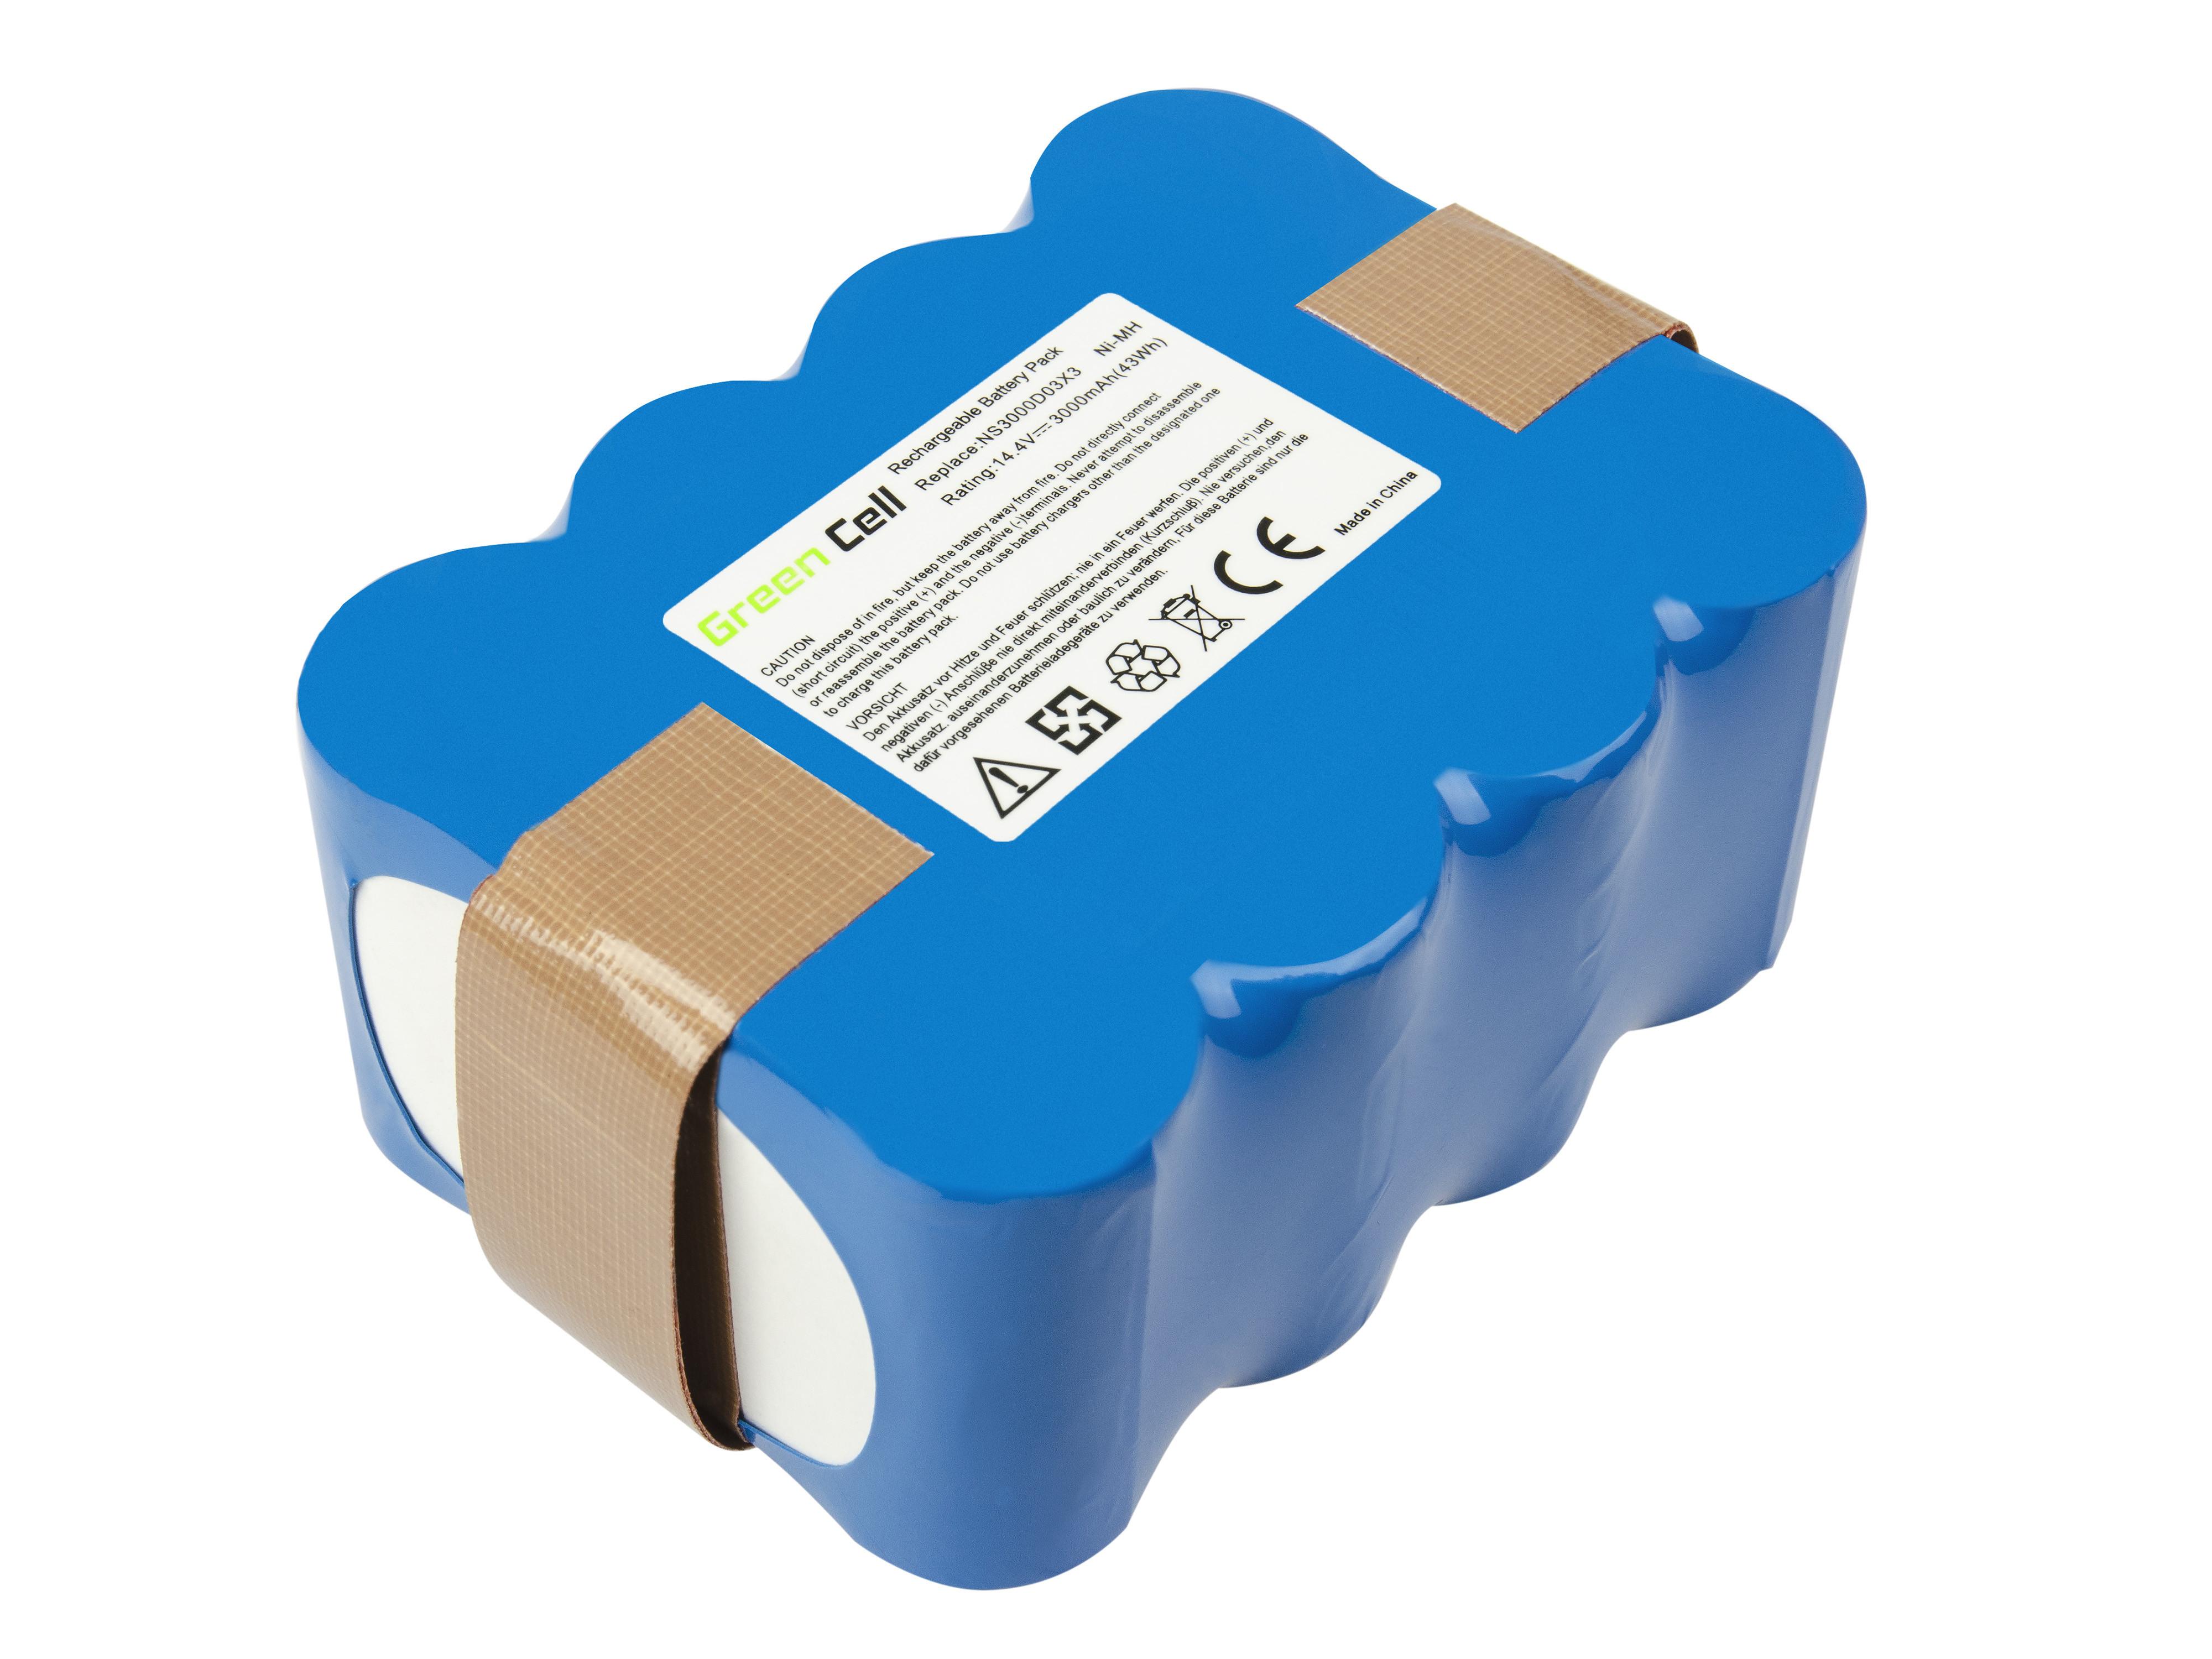 Baterie Green Cell do vysavačů EcoGenic, Hoover, Indream, JNB, Kaily, Robot, Samba 14.4V 3000mAh Ni-MH – neoriginální